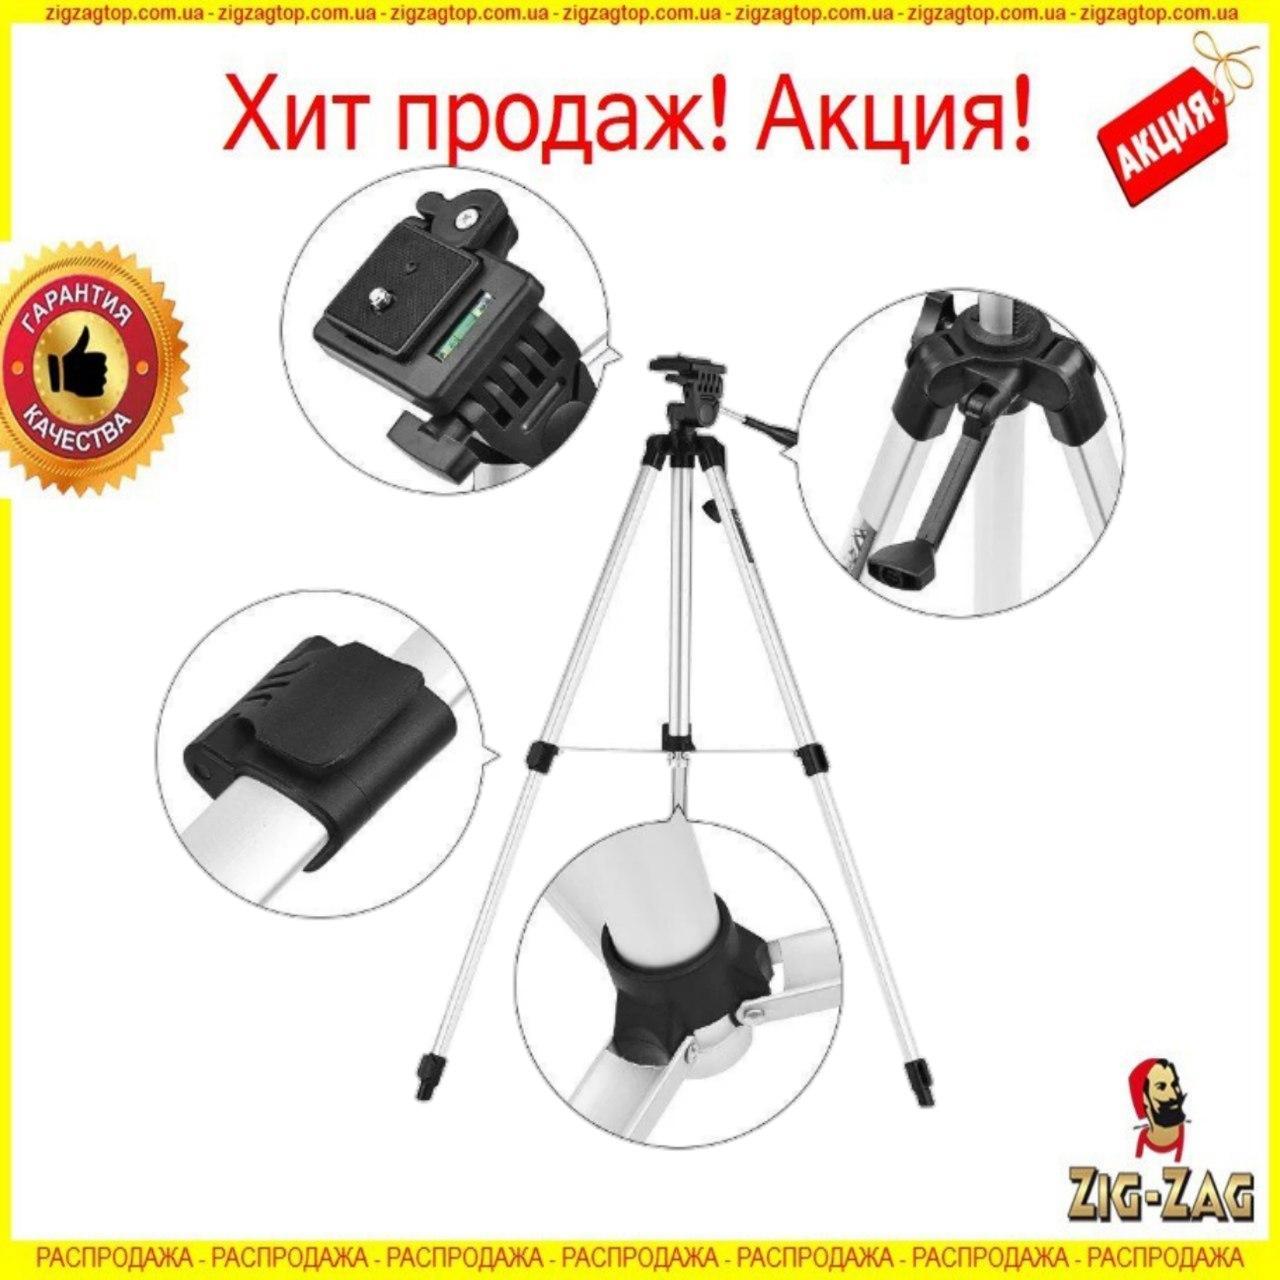 Штатив Трипод Tripod WT 330 Тринога для Екшн Камер, Смартфонів, Телефонів, Відеокамер та Фотоапаратів, Камери